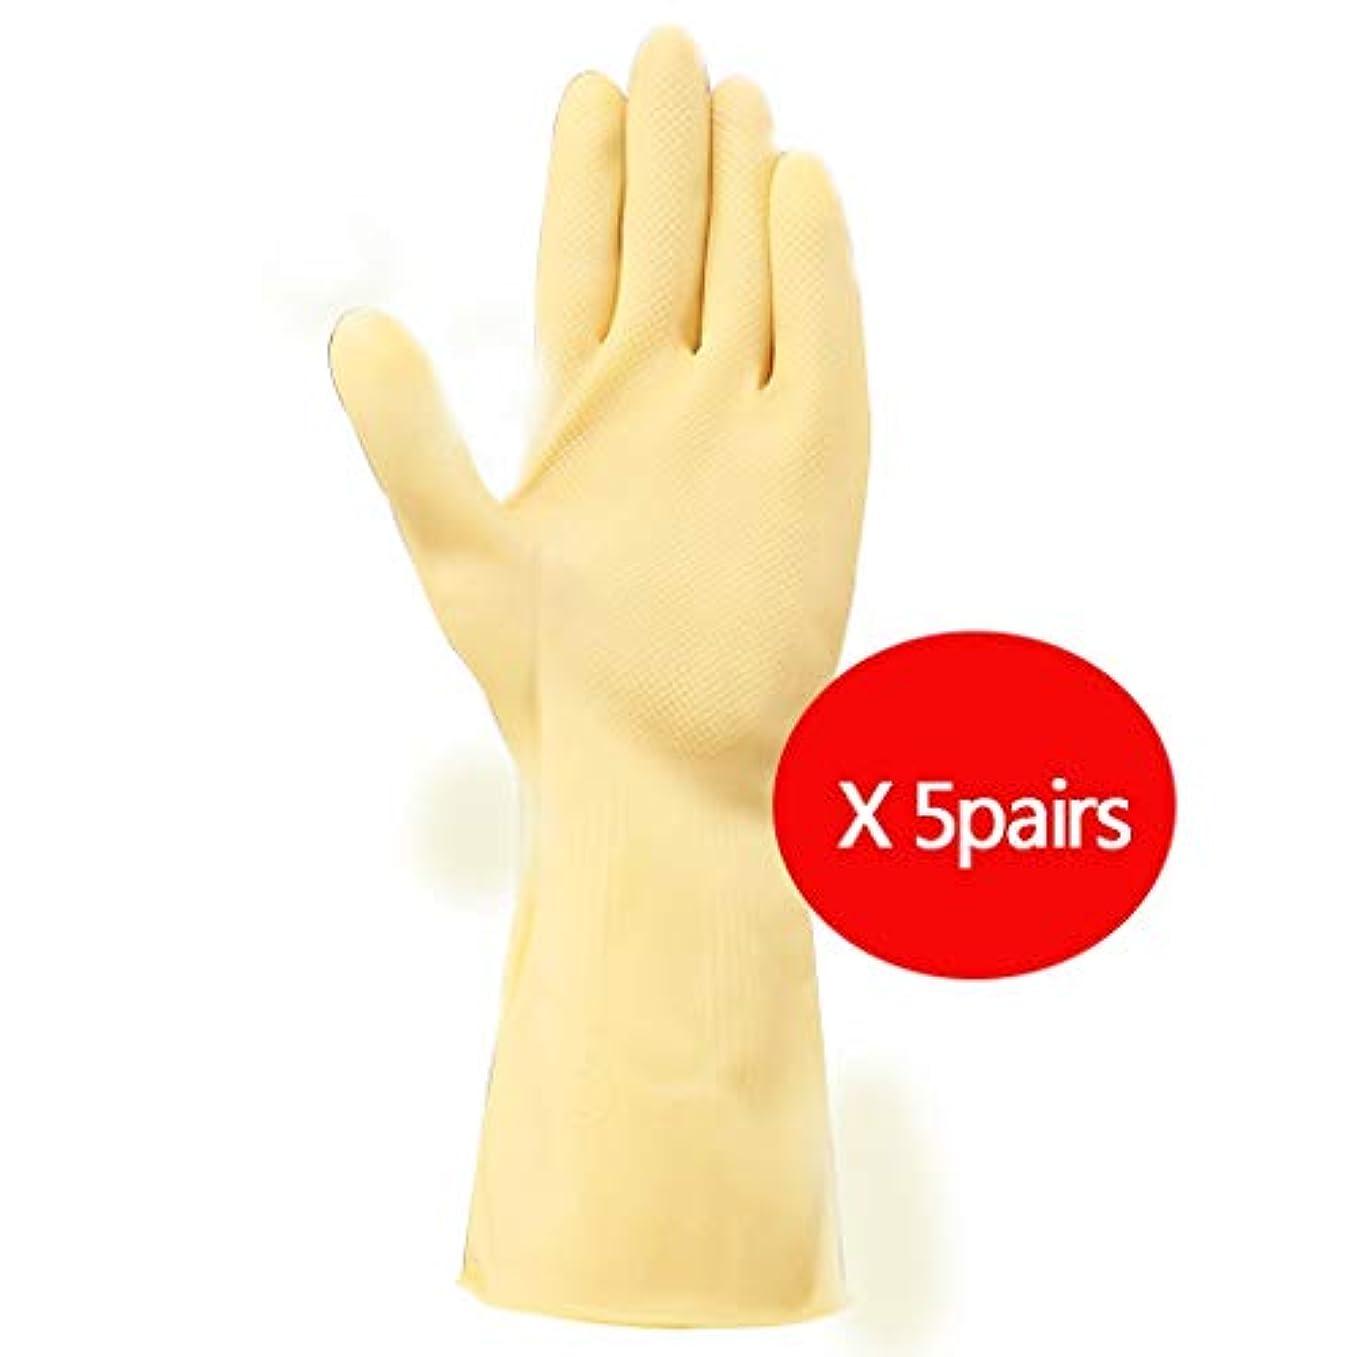 強化する相互接続音節LIUXIN ゴム増粘手袋工業労働保護手袋家庭用クリーニング防水手袋黄色マルチサイズオプション5袋1袋 ゴム手袋 (Size : M)